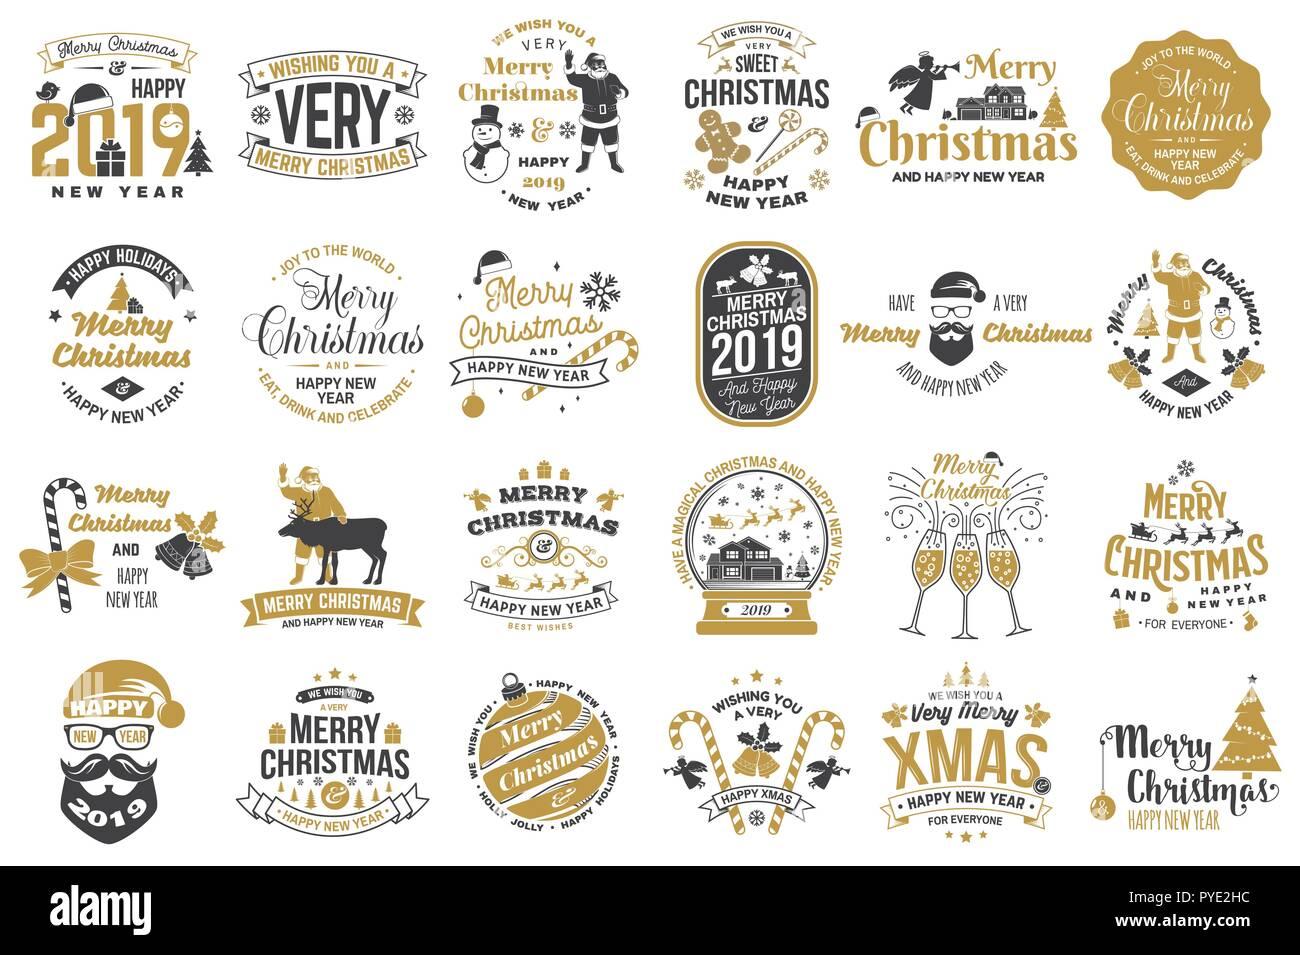 Angebote Urlaub Weihnachten 2019.Satz Von Frohe Weihnachten Und Ein Glückliches Neues Jahr 2019